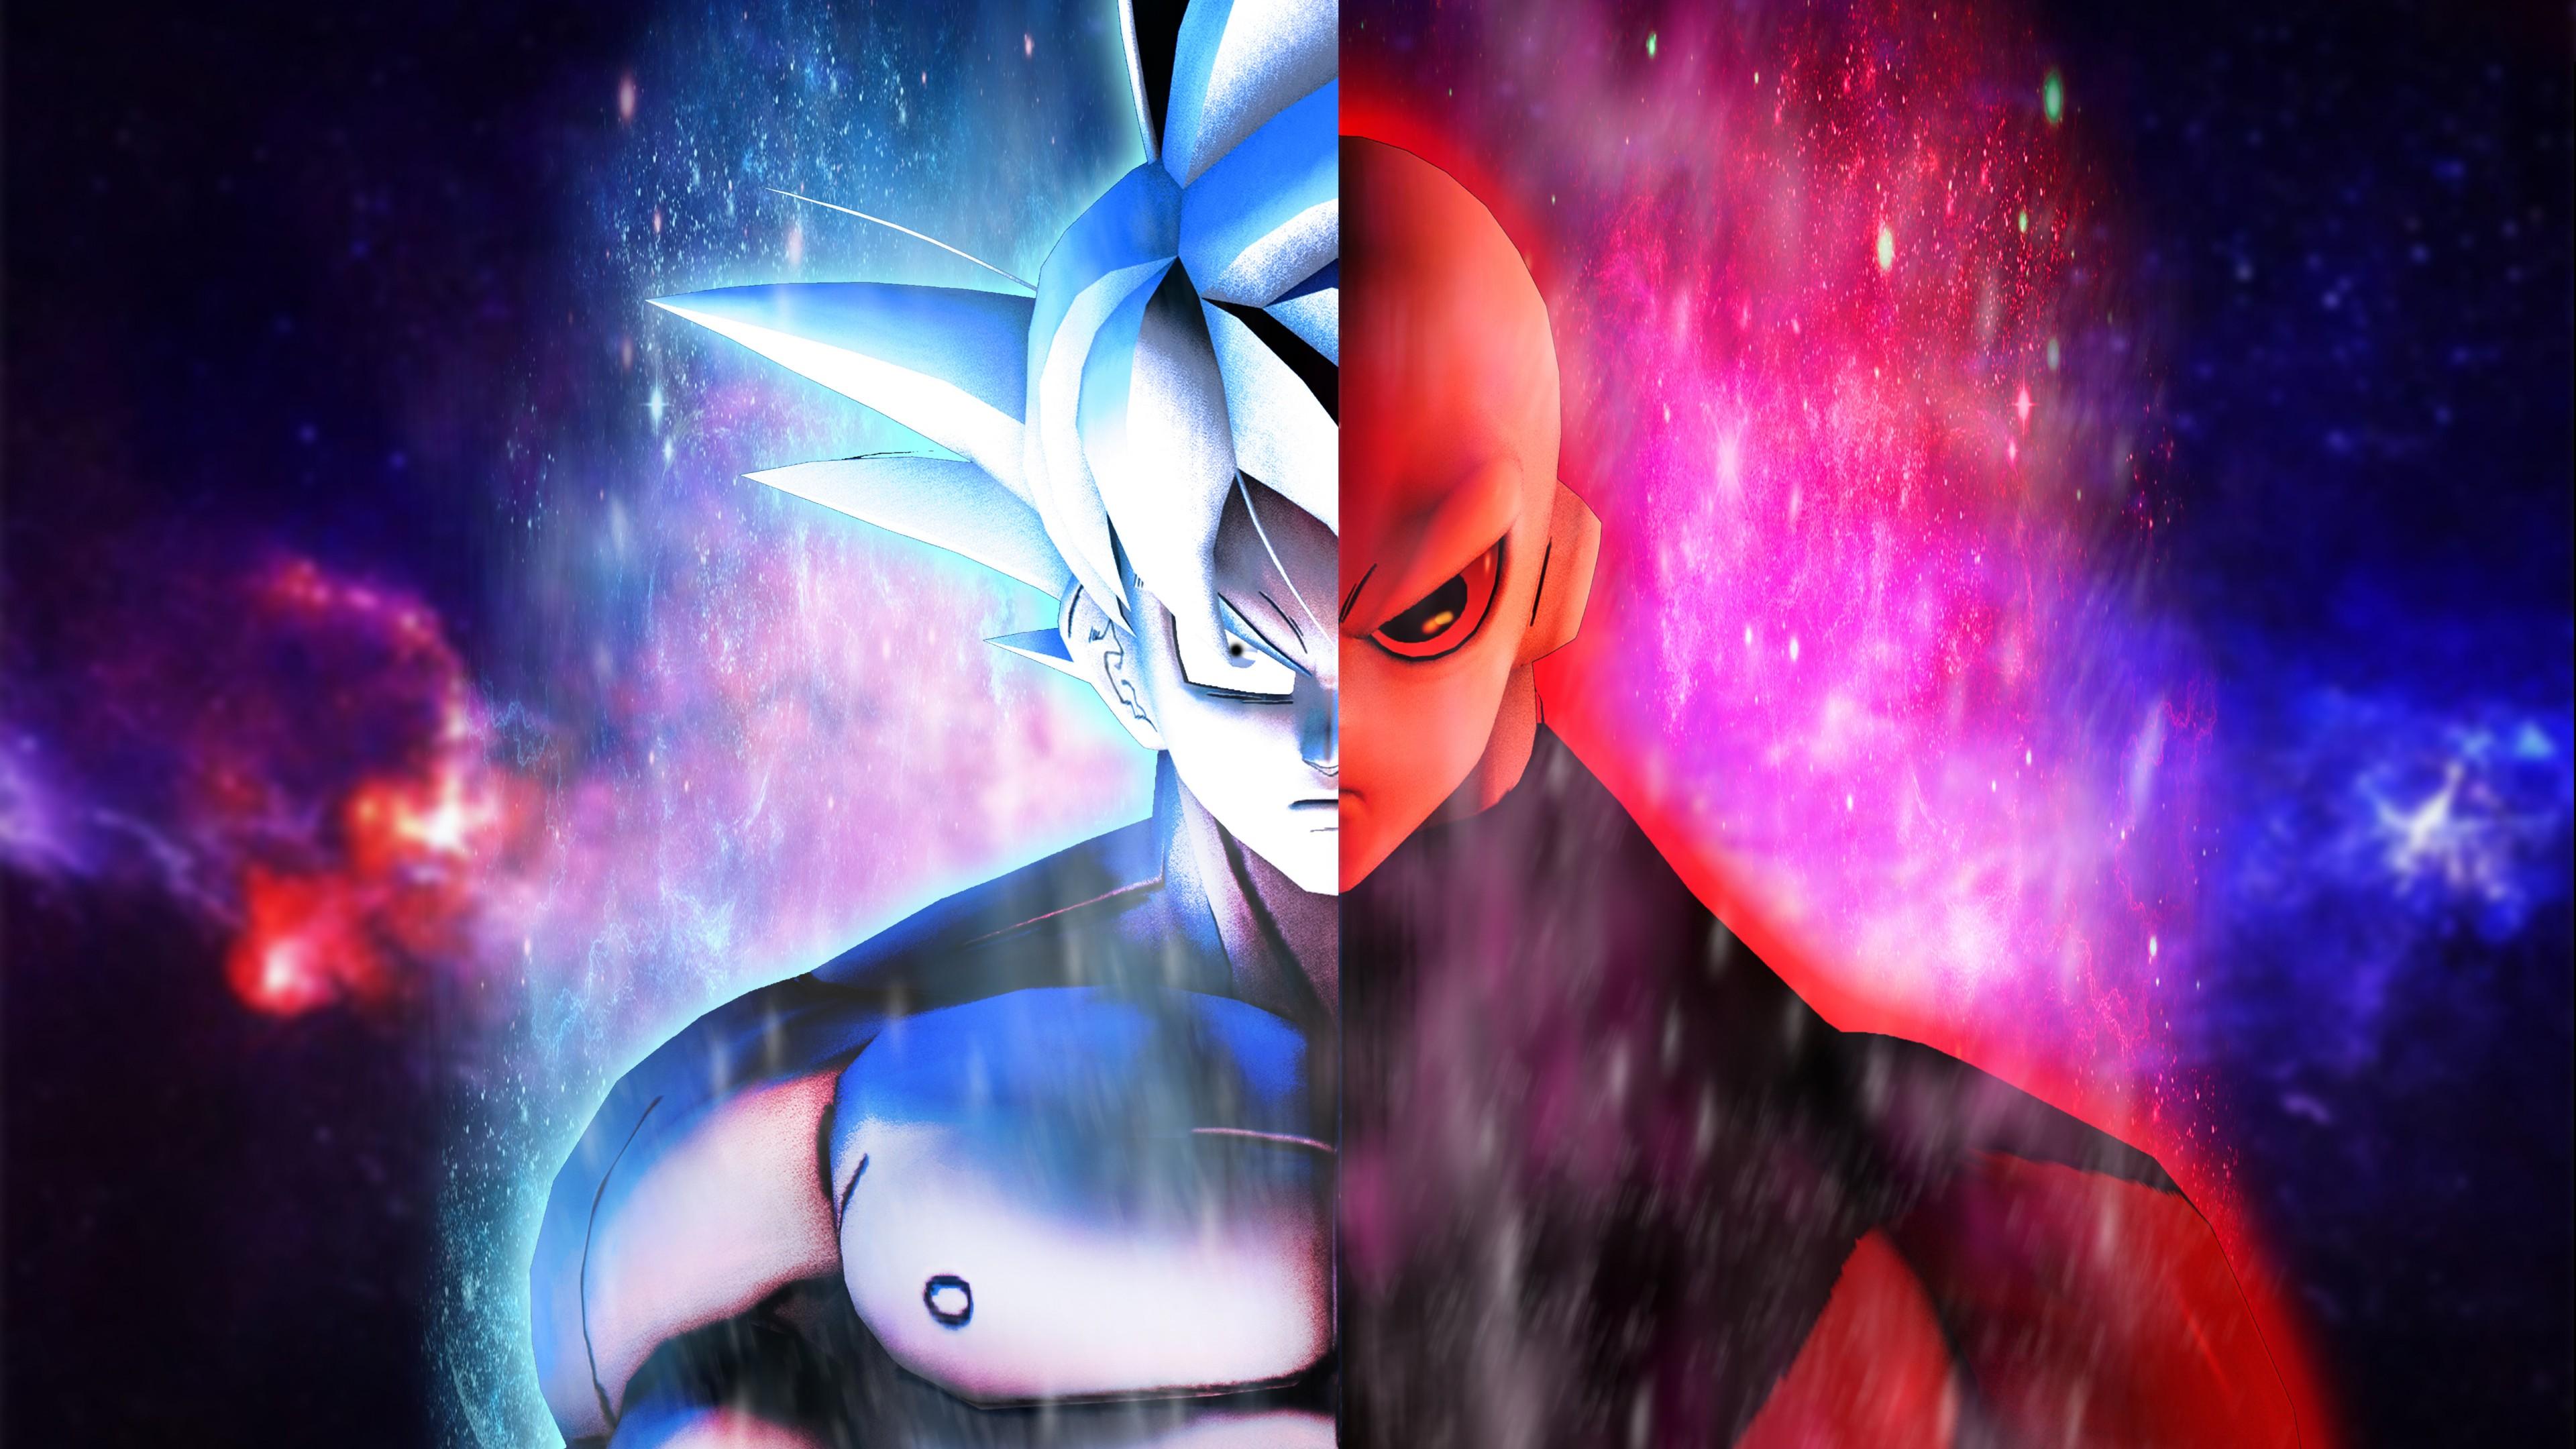 Goku Live Wallpaper Iphone 7 Plus Goku Vs Jiren 5k Wallpapers Hd Wallpapers Id 25949